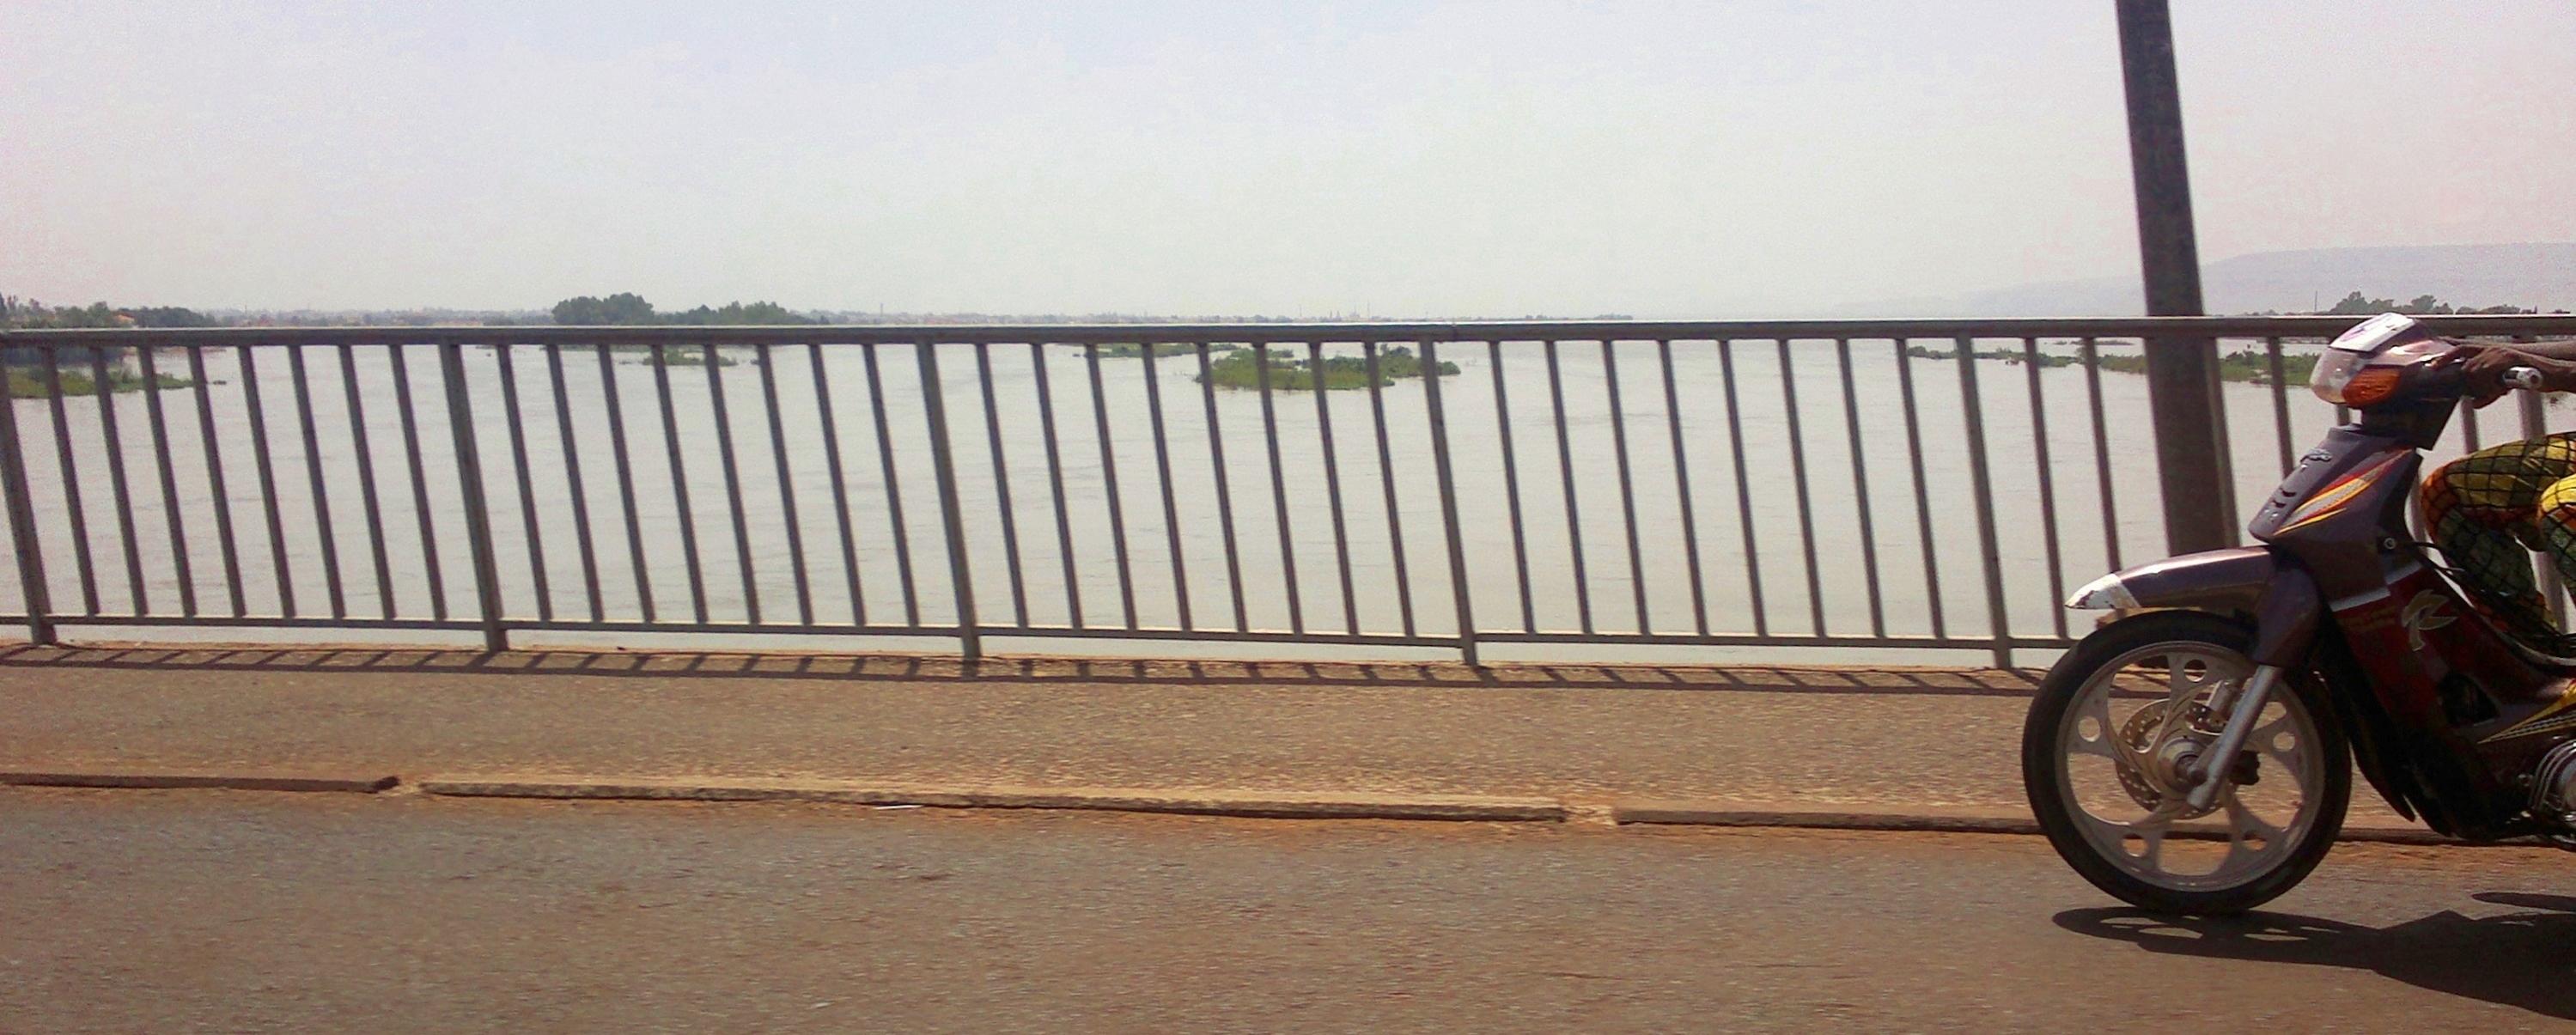 bridge_3.jpg